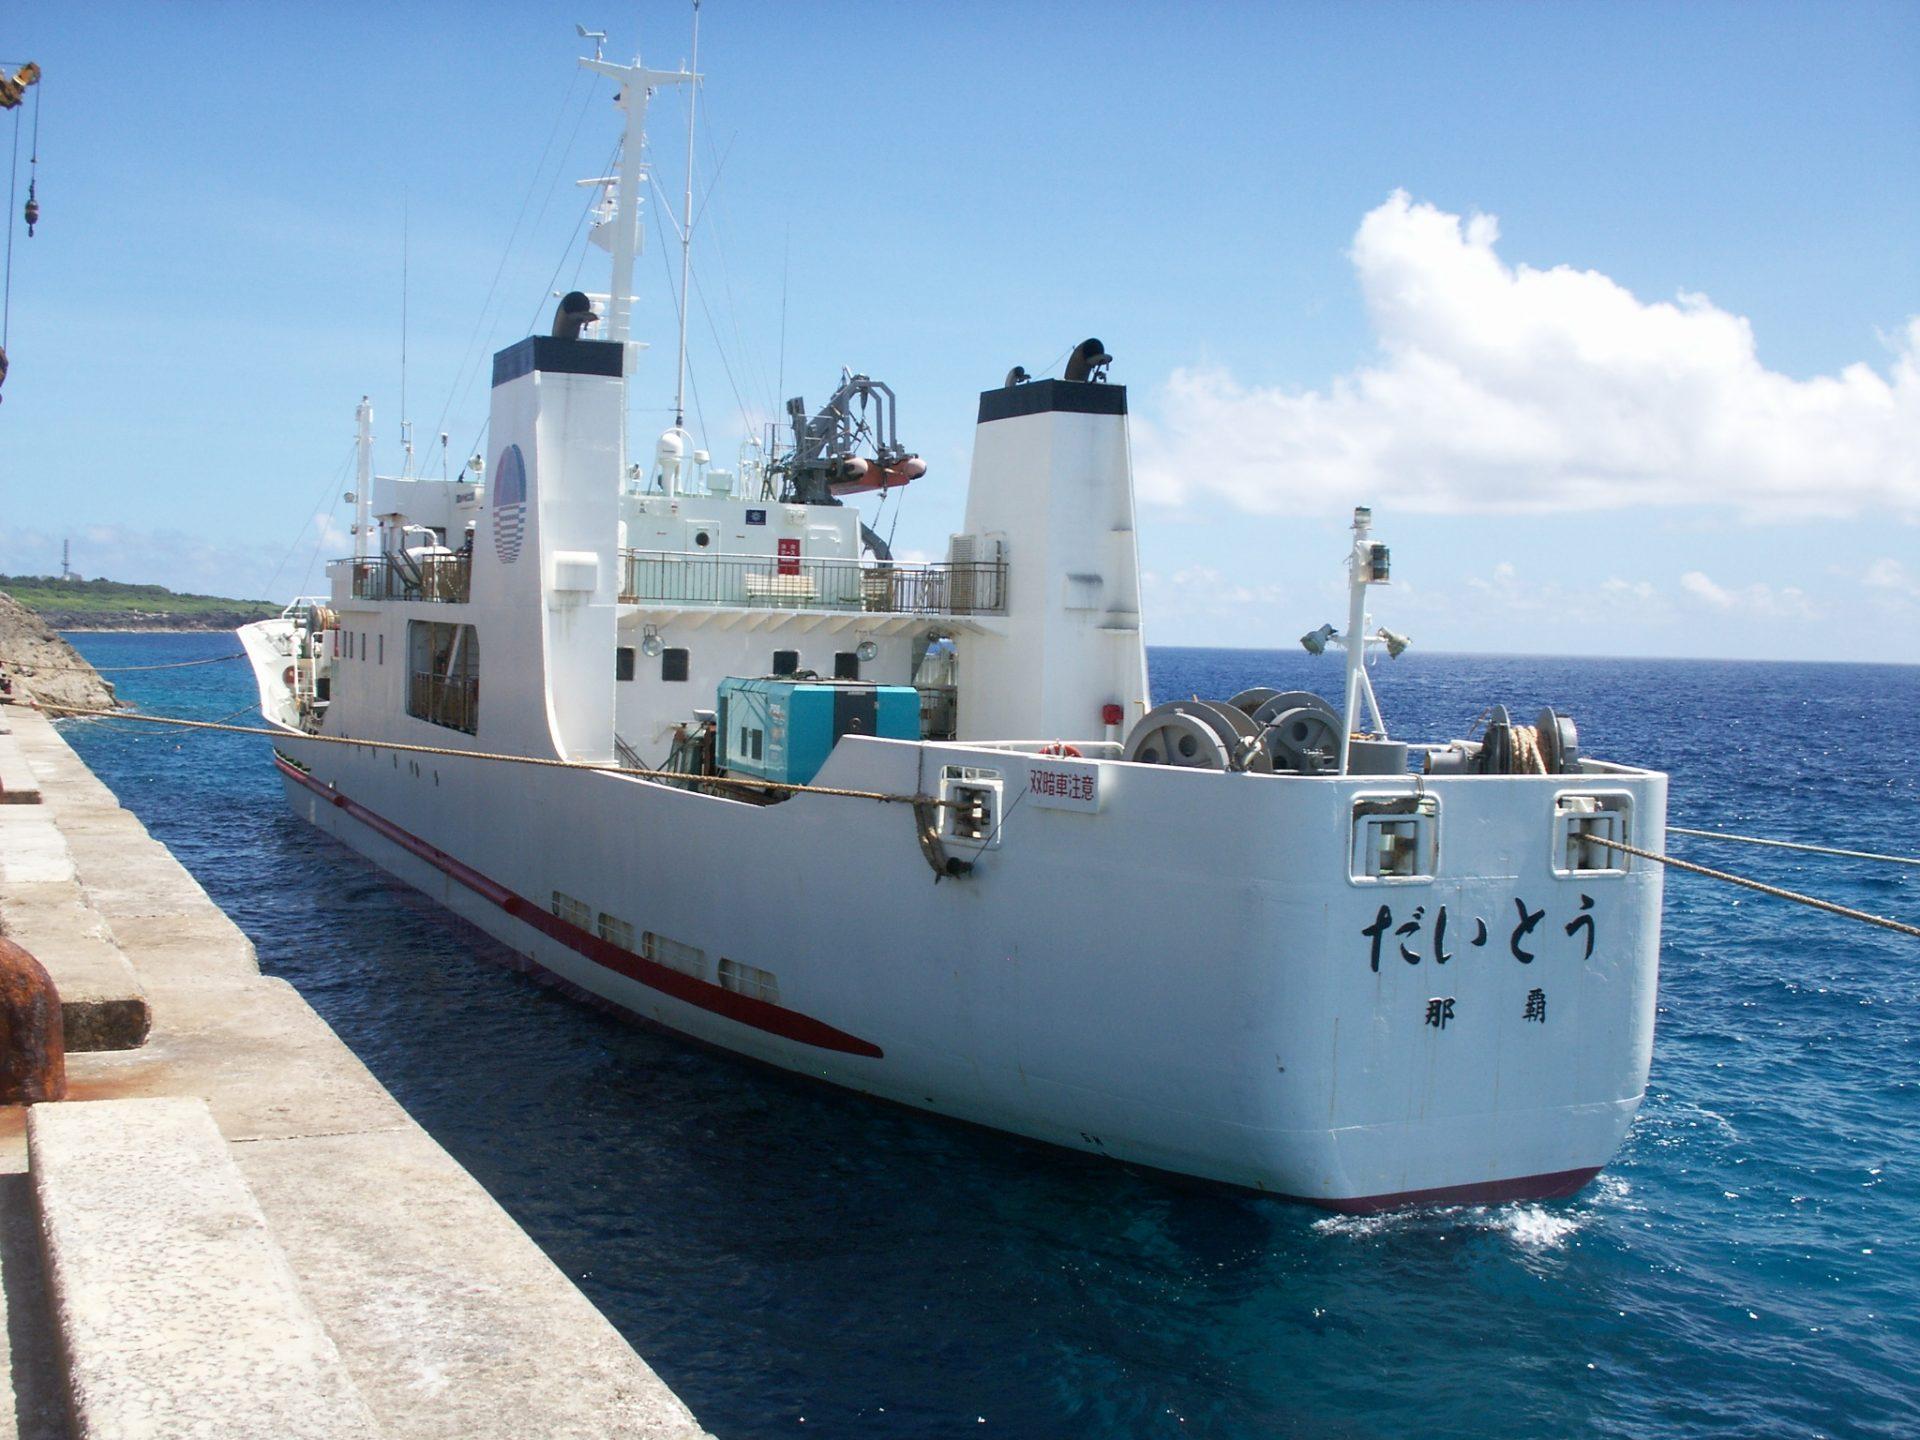 アクセス 船 南大東島 観光 旅行 沖縄 離島